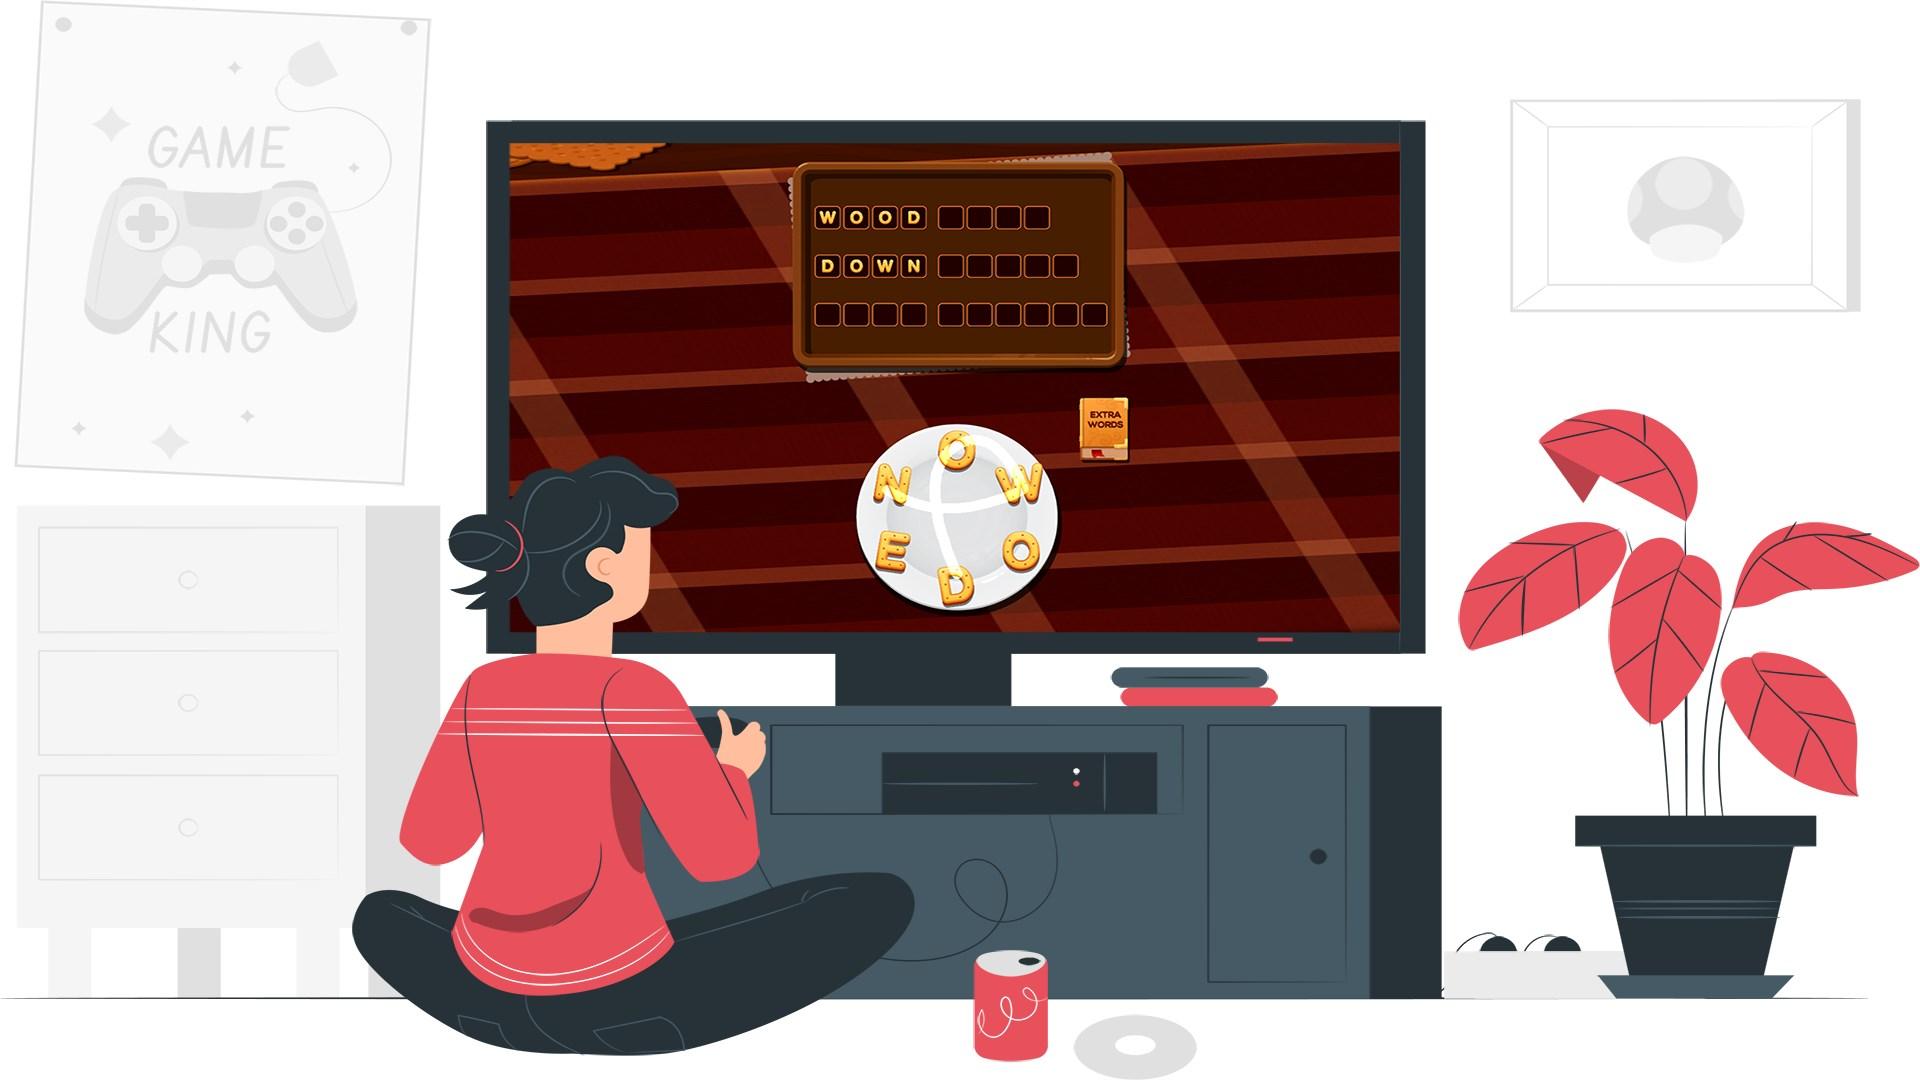 Игру Word Chef Master для Xbox One сейчас можно забрать бесплатно